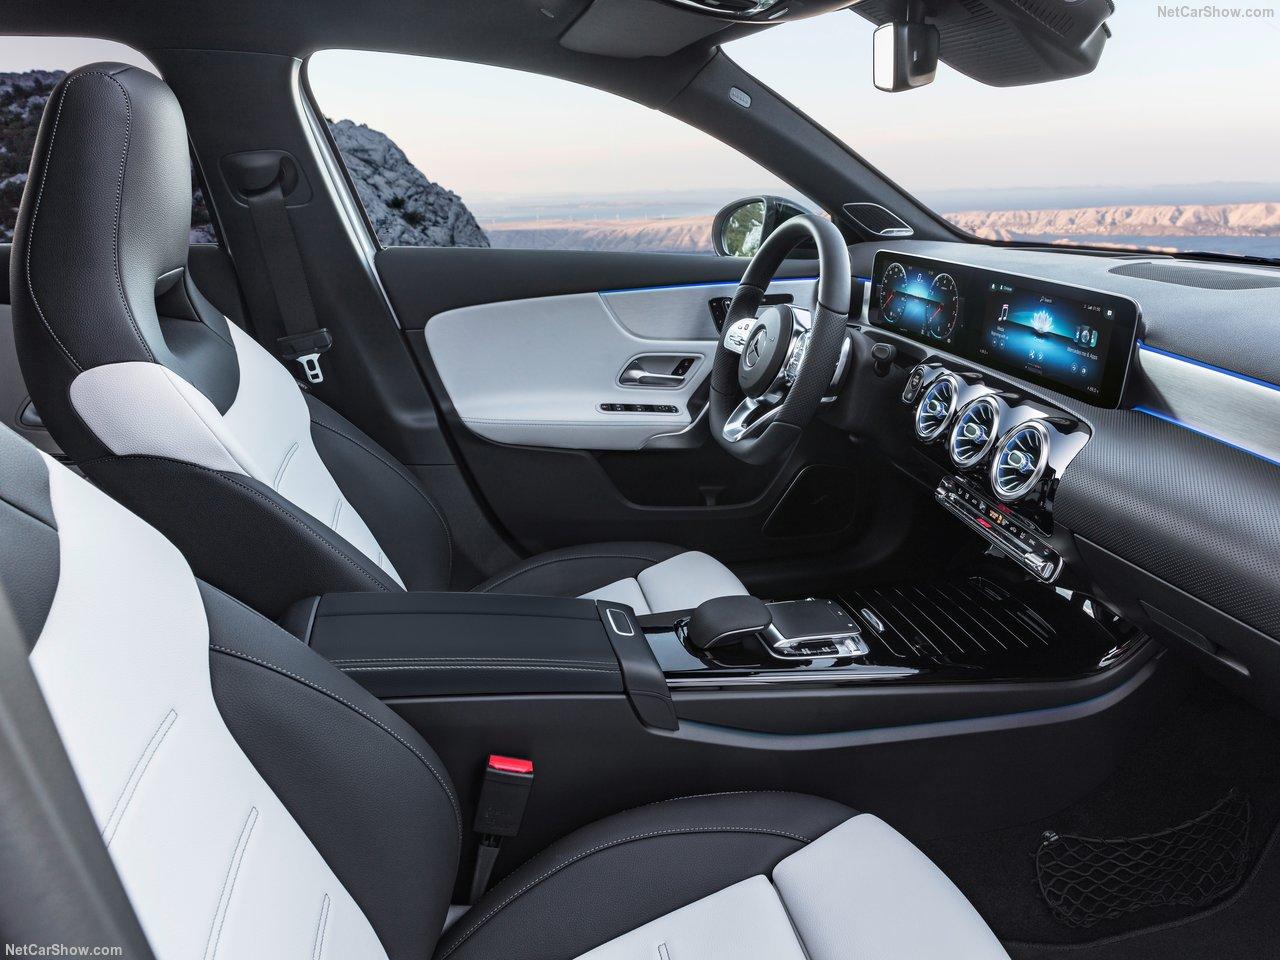 Mercedes-Benz-A-Class-2019-1280-3a.jpg